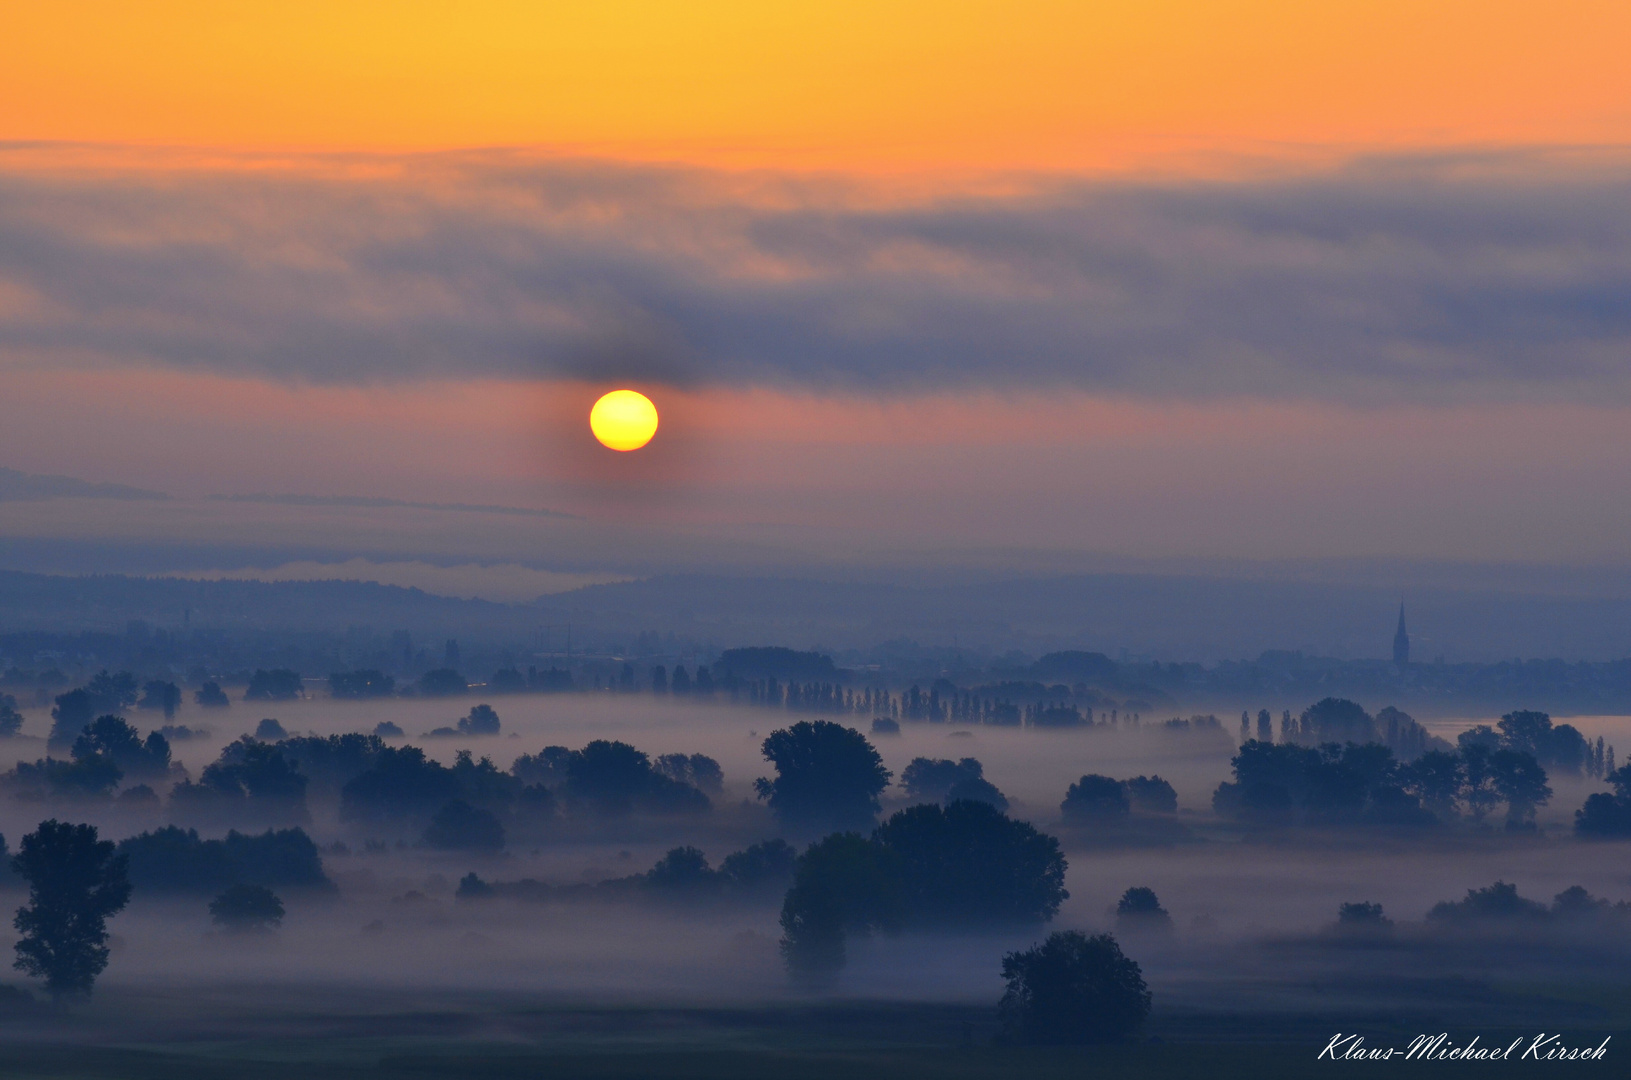 Sonnenaufgang über Radolfzell am Bodensee